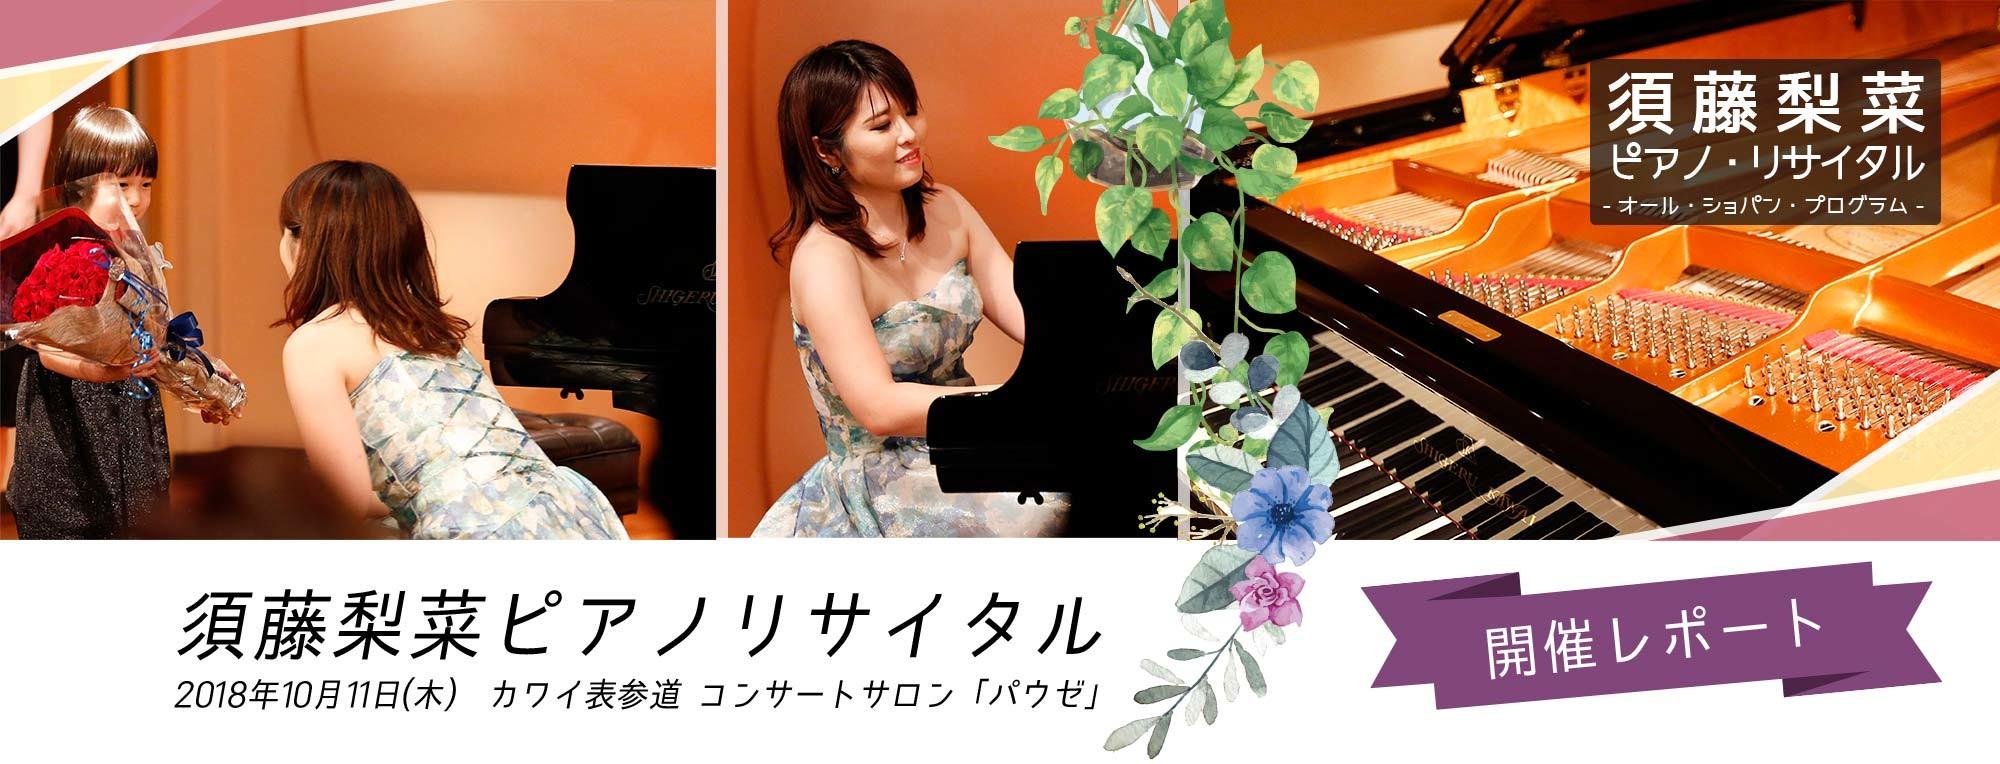 カフェトークコンサートシリーズ第3弾